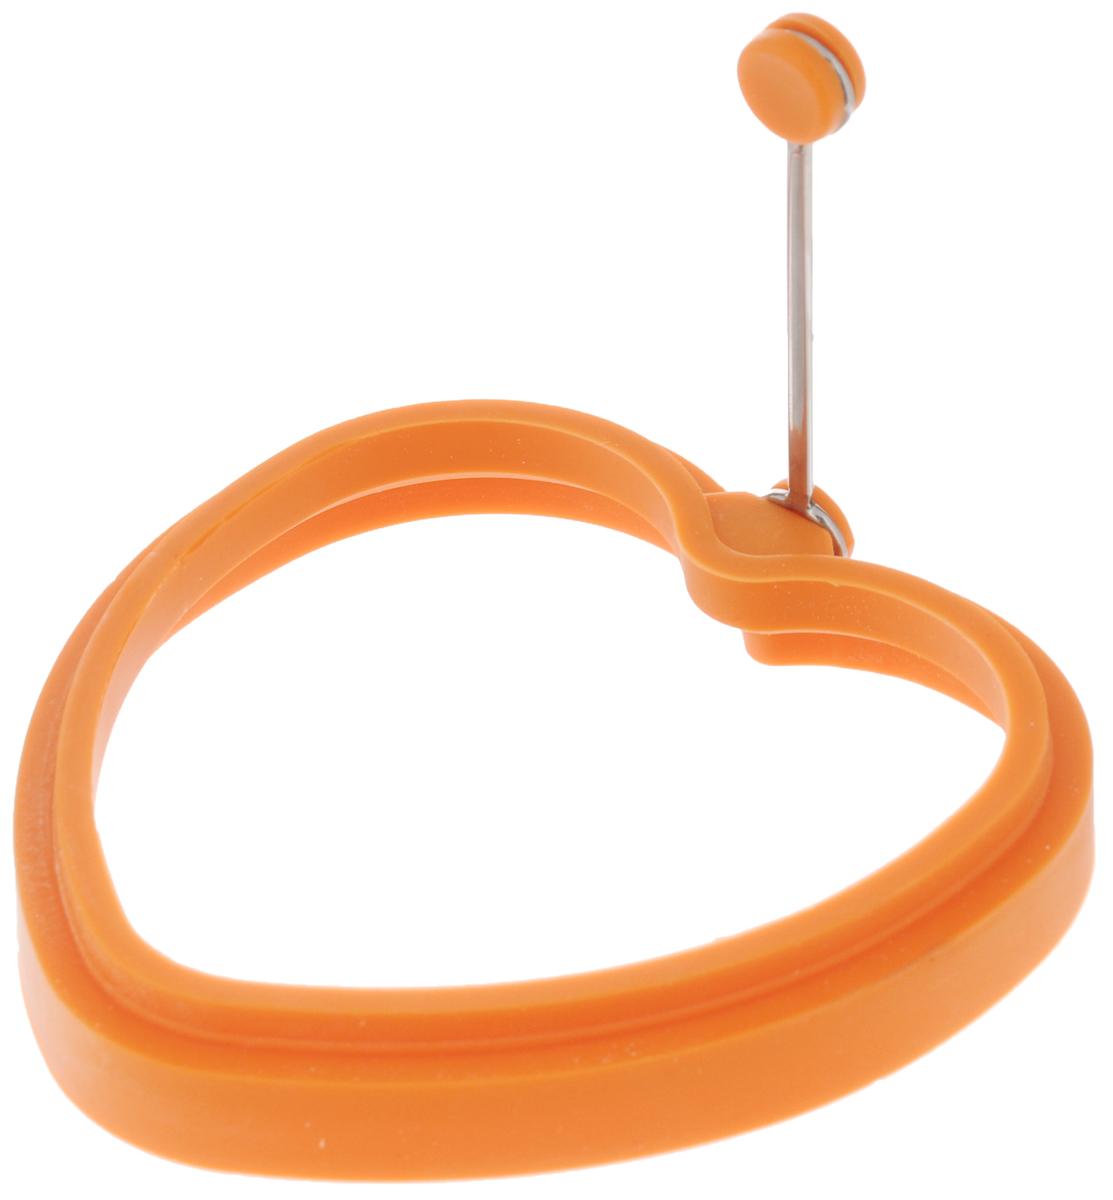 Форма для яичницы Mayer & Boch Сердце, цвет: оранжевый24202_оранжевыйФорма Mayer & Boch Сердце выполнена из силикона и предназначена для приготовления яичницы, выпекания блинов необычной формы и многого другого. Необходимо просто залить приготавливаемую массу внутрь формочки, расположенной на сковородке, и подождать, пока блюдо не дойдет до нужной кондиции. Форма оснащена металлической ручкой с силиконовой вставкой, что облегчит снятие изделия со сковороды и предотвратит появление ожогов. Благодаря такой формочке, вы привнесете немного оригинальности и разнообразия в свой повседневный завтрак. Можно мыть в посудомоечной машине. Размер формы: 11,5 х 11,5 х 2 см. Длина ручки: 8 см.